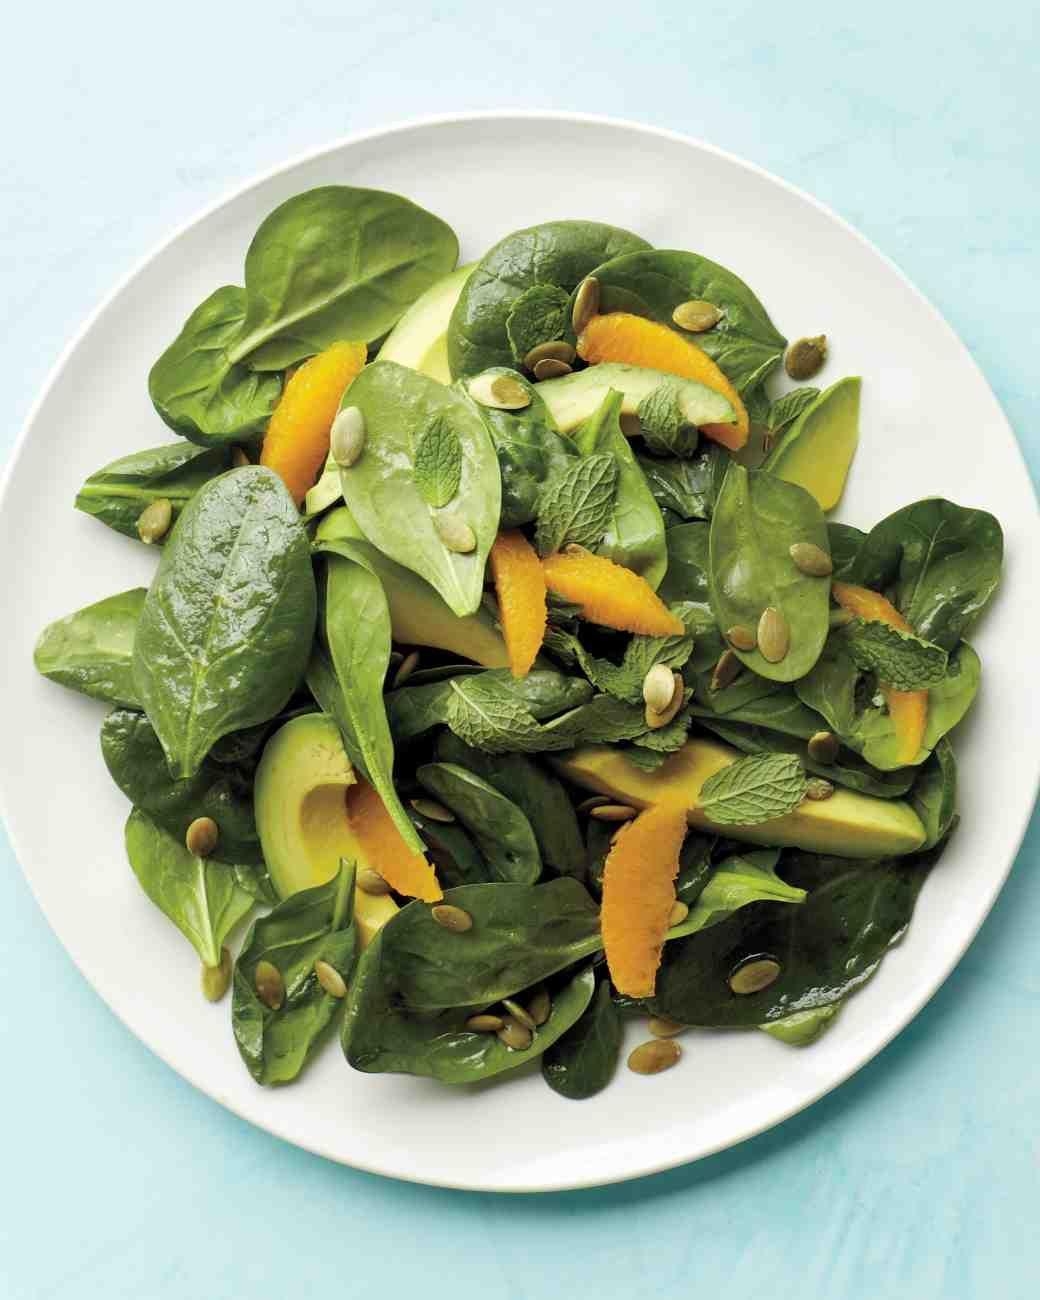 Spinach and Avocado Salad, Courtesy: www.marthastewart.com